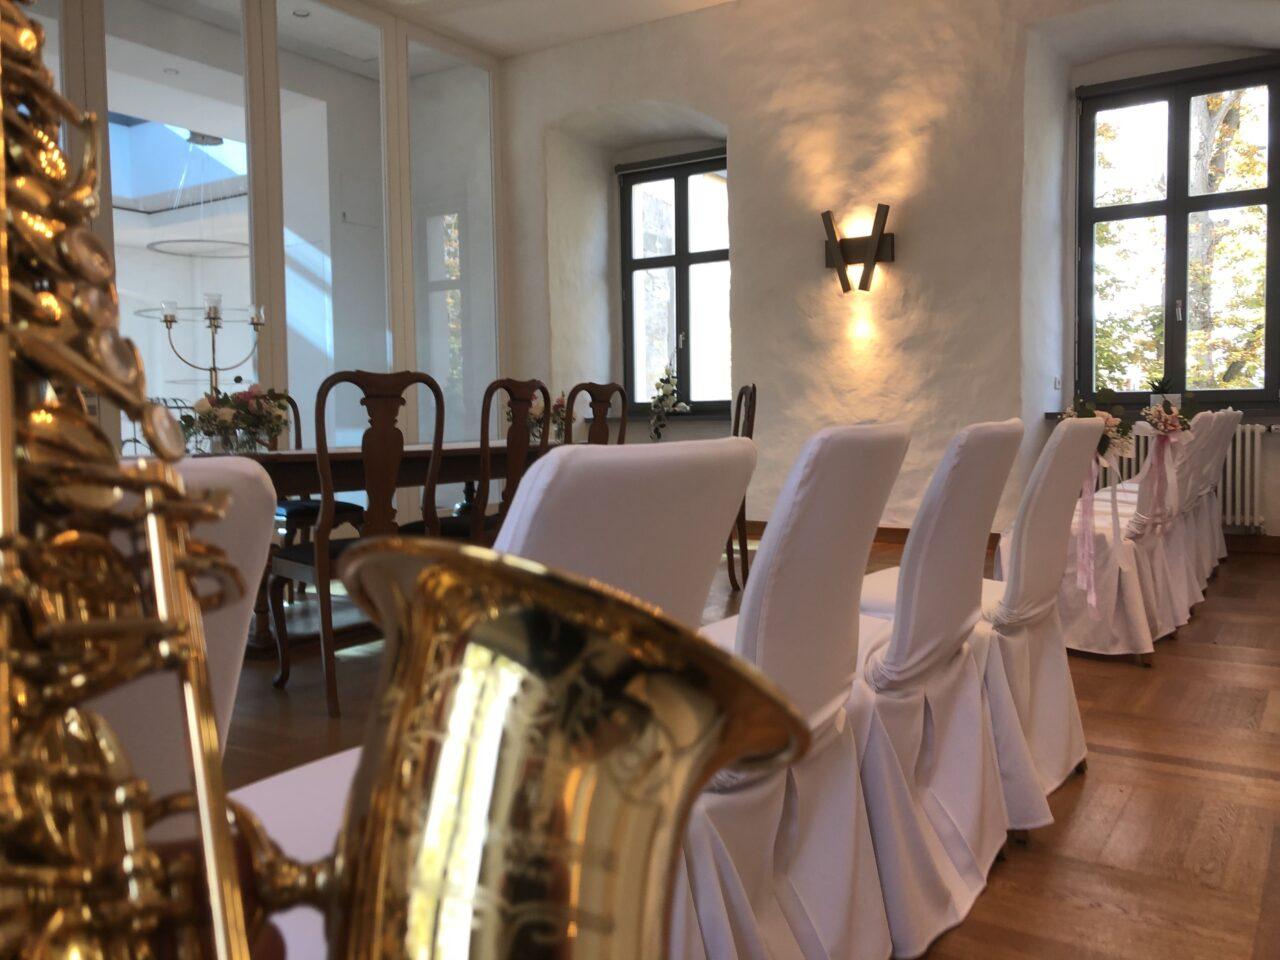 Saxophon zur Trauung – Hochzeit im Rittergut Strömende mit Mister Sax